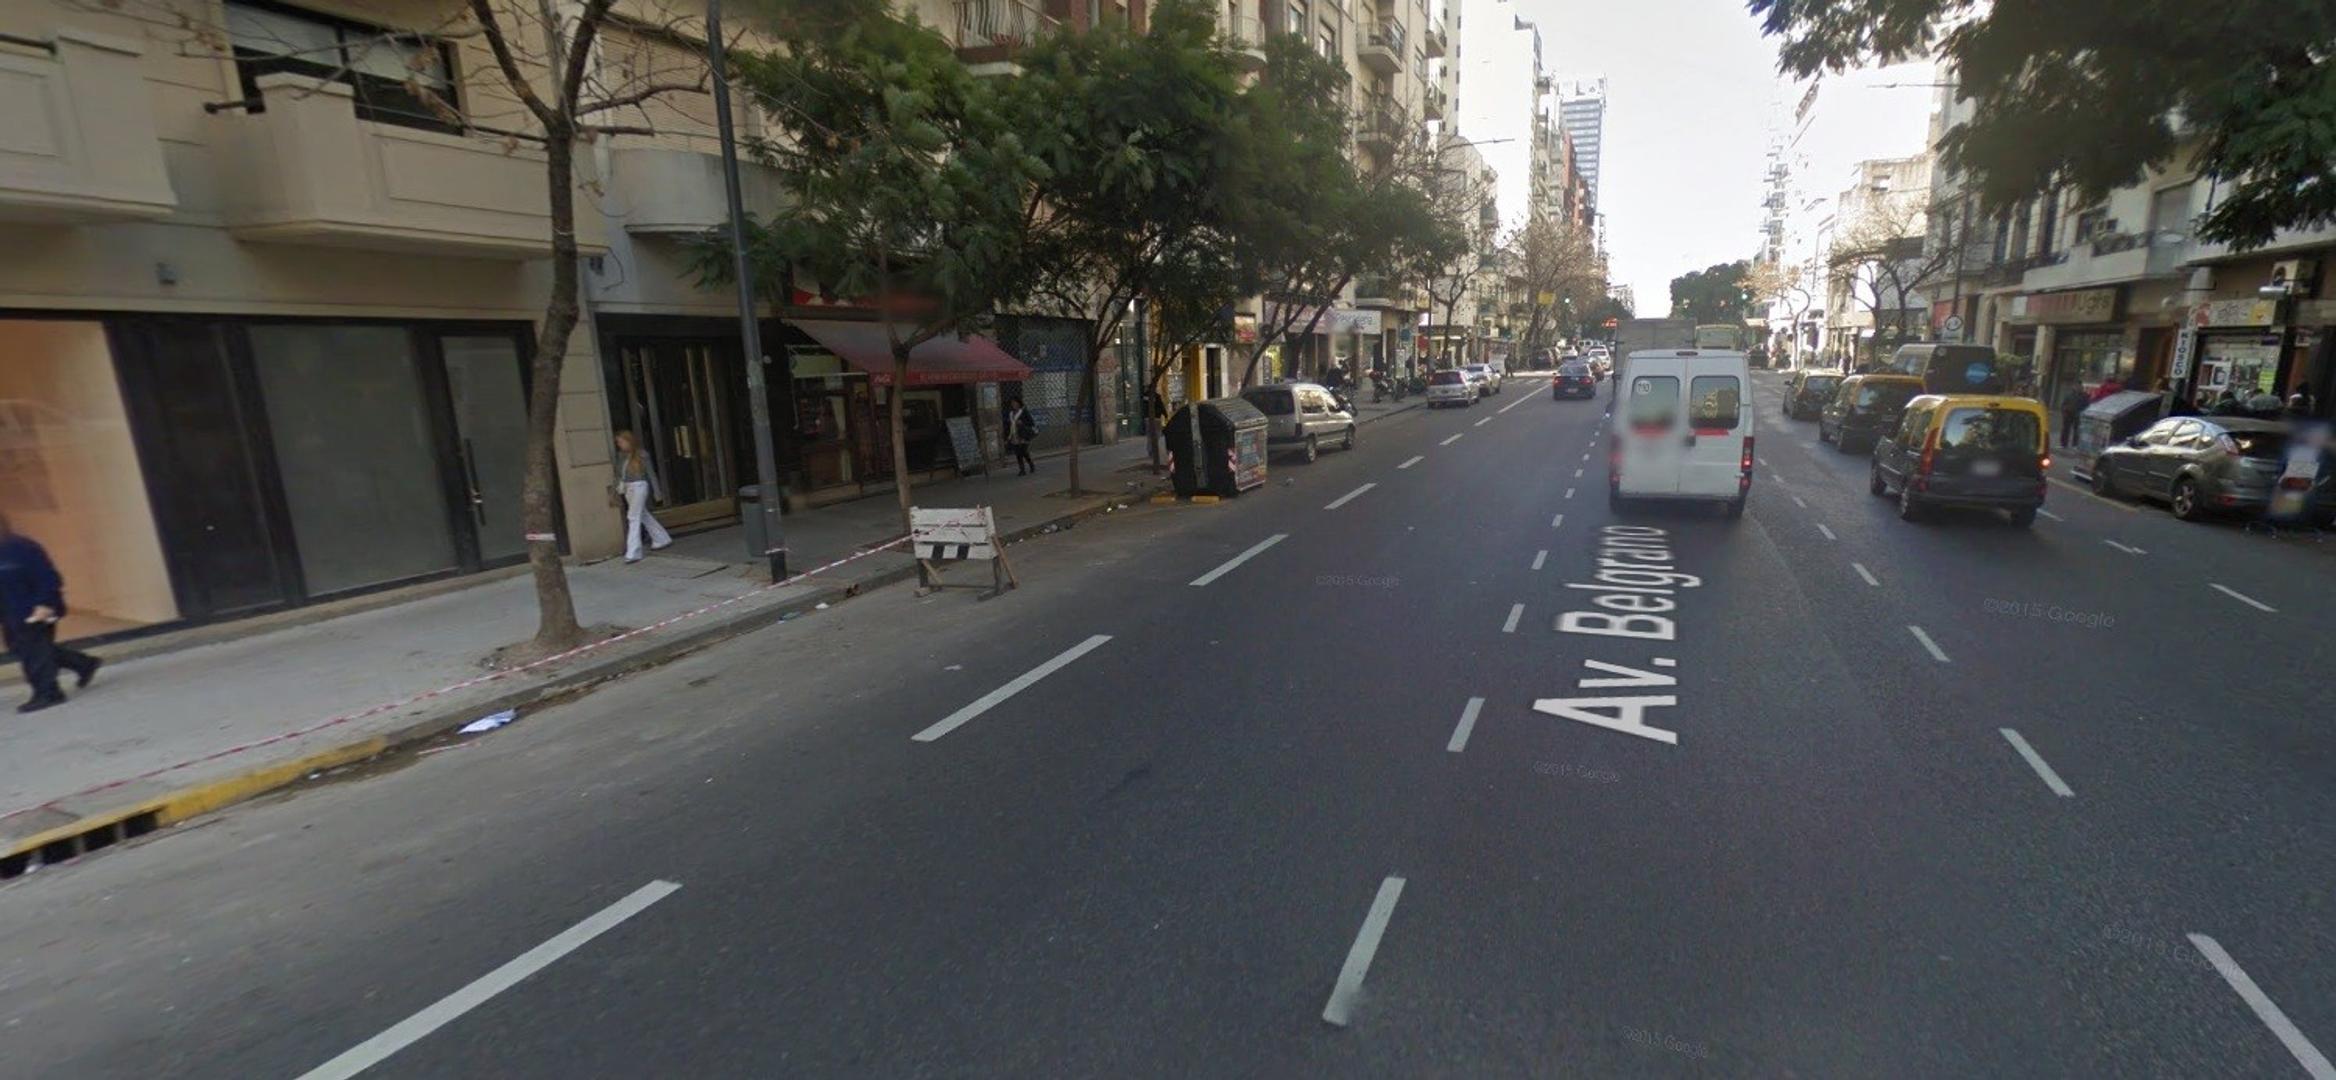 XINTEL(MPR-MPR-594) Departamento - Venta - Argentina, Capital Federal - AVENIDA BELGRANO  1300